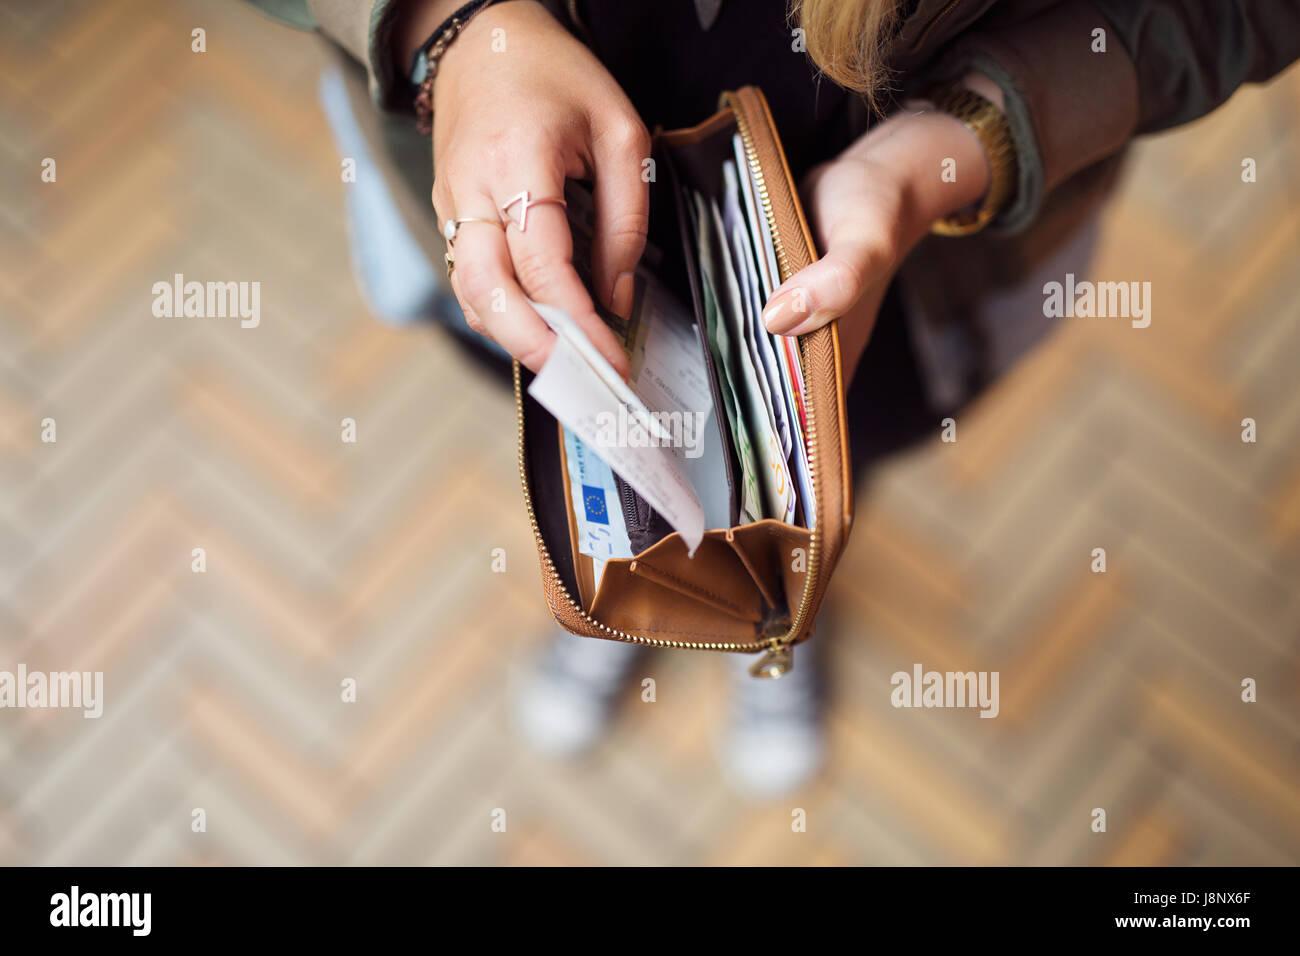 La tenue d'une femme avec porte-monnaie et des reçus de billets Banque D'Images